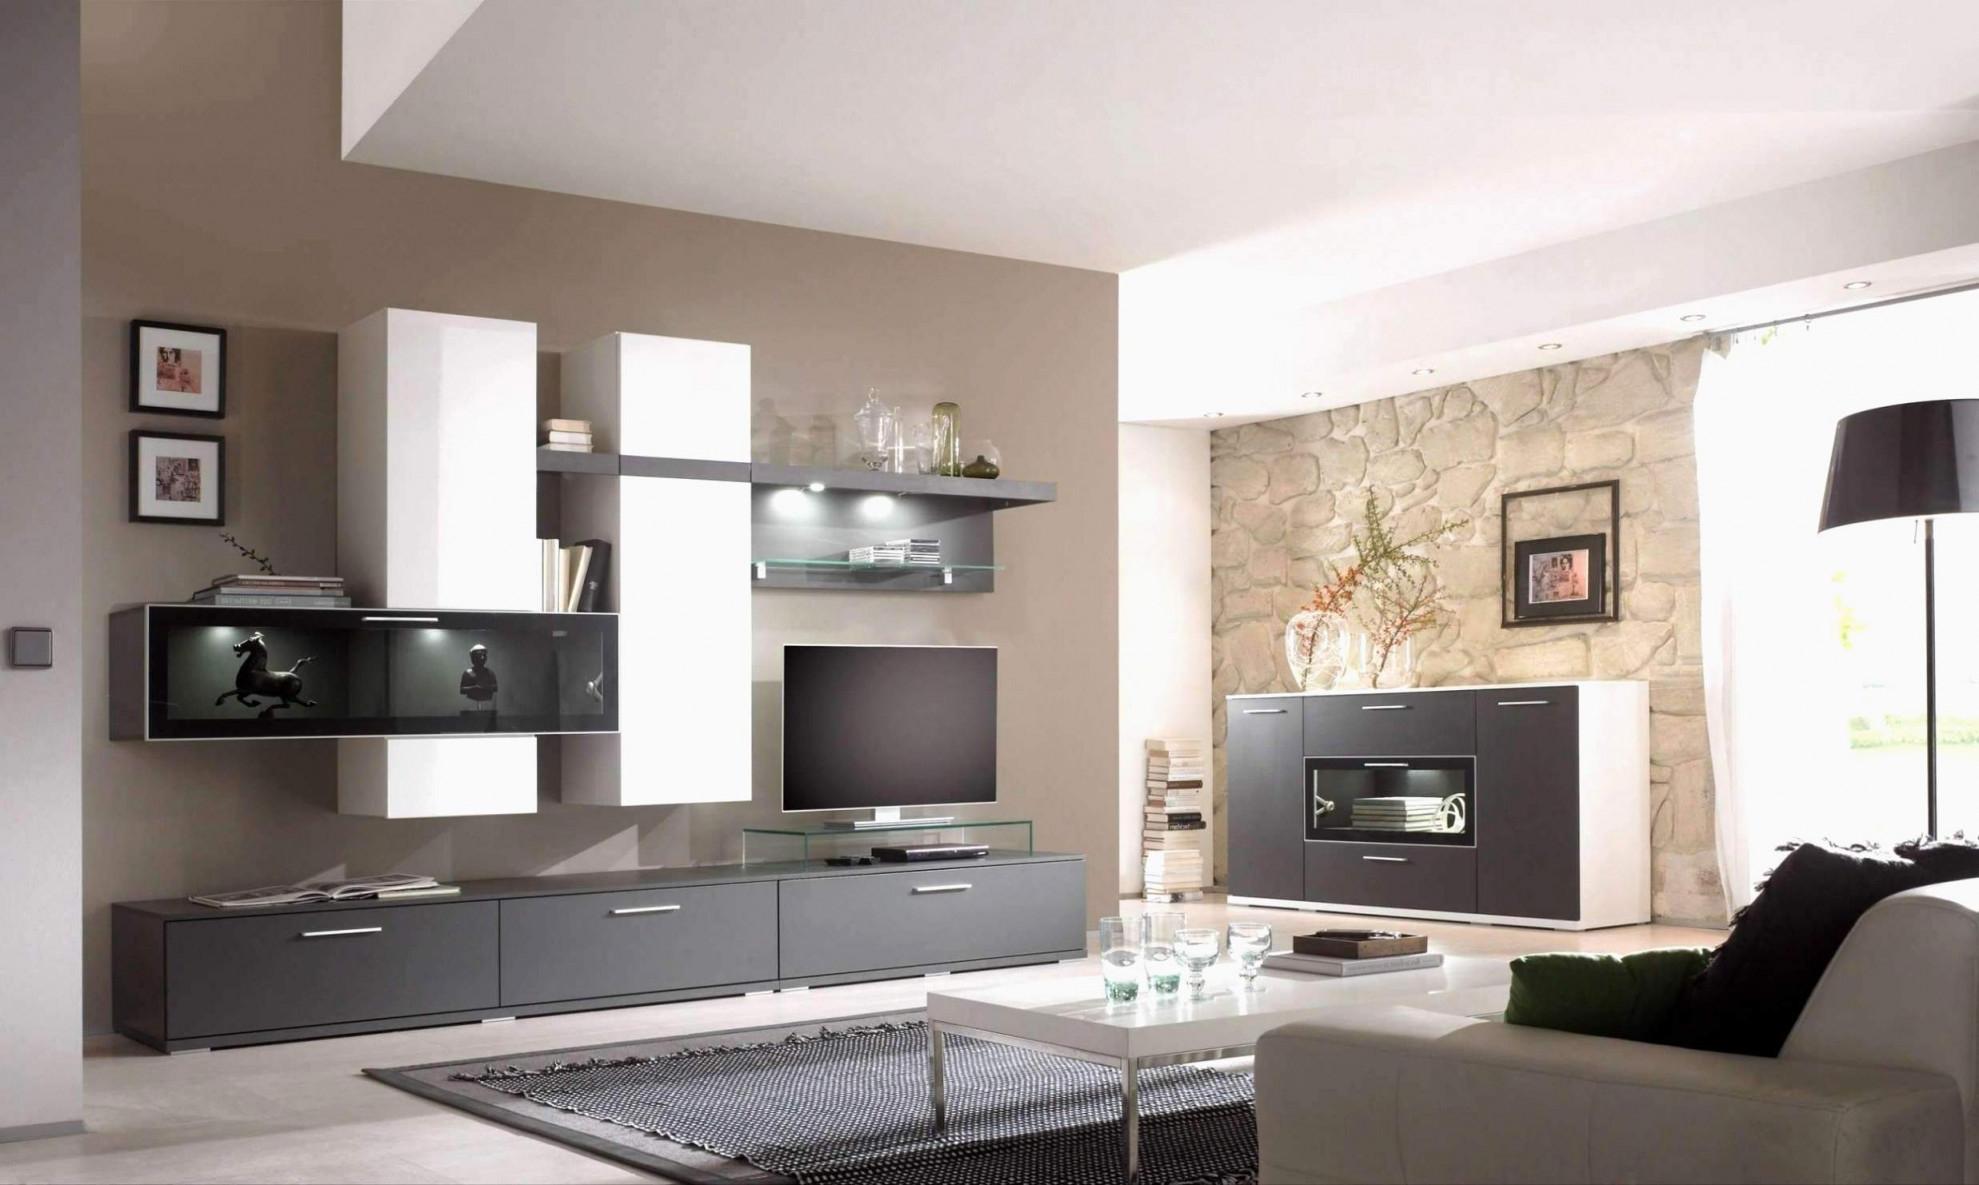 40 Elegant Bilder Wohnzimmer Abstrakt Schön  Wohnzimmer Frisch von Moderne Leinwandbilder Wohnzimmer Bild